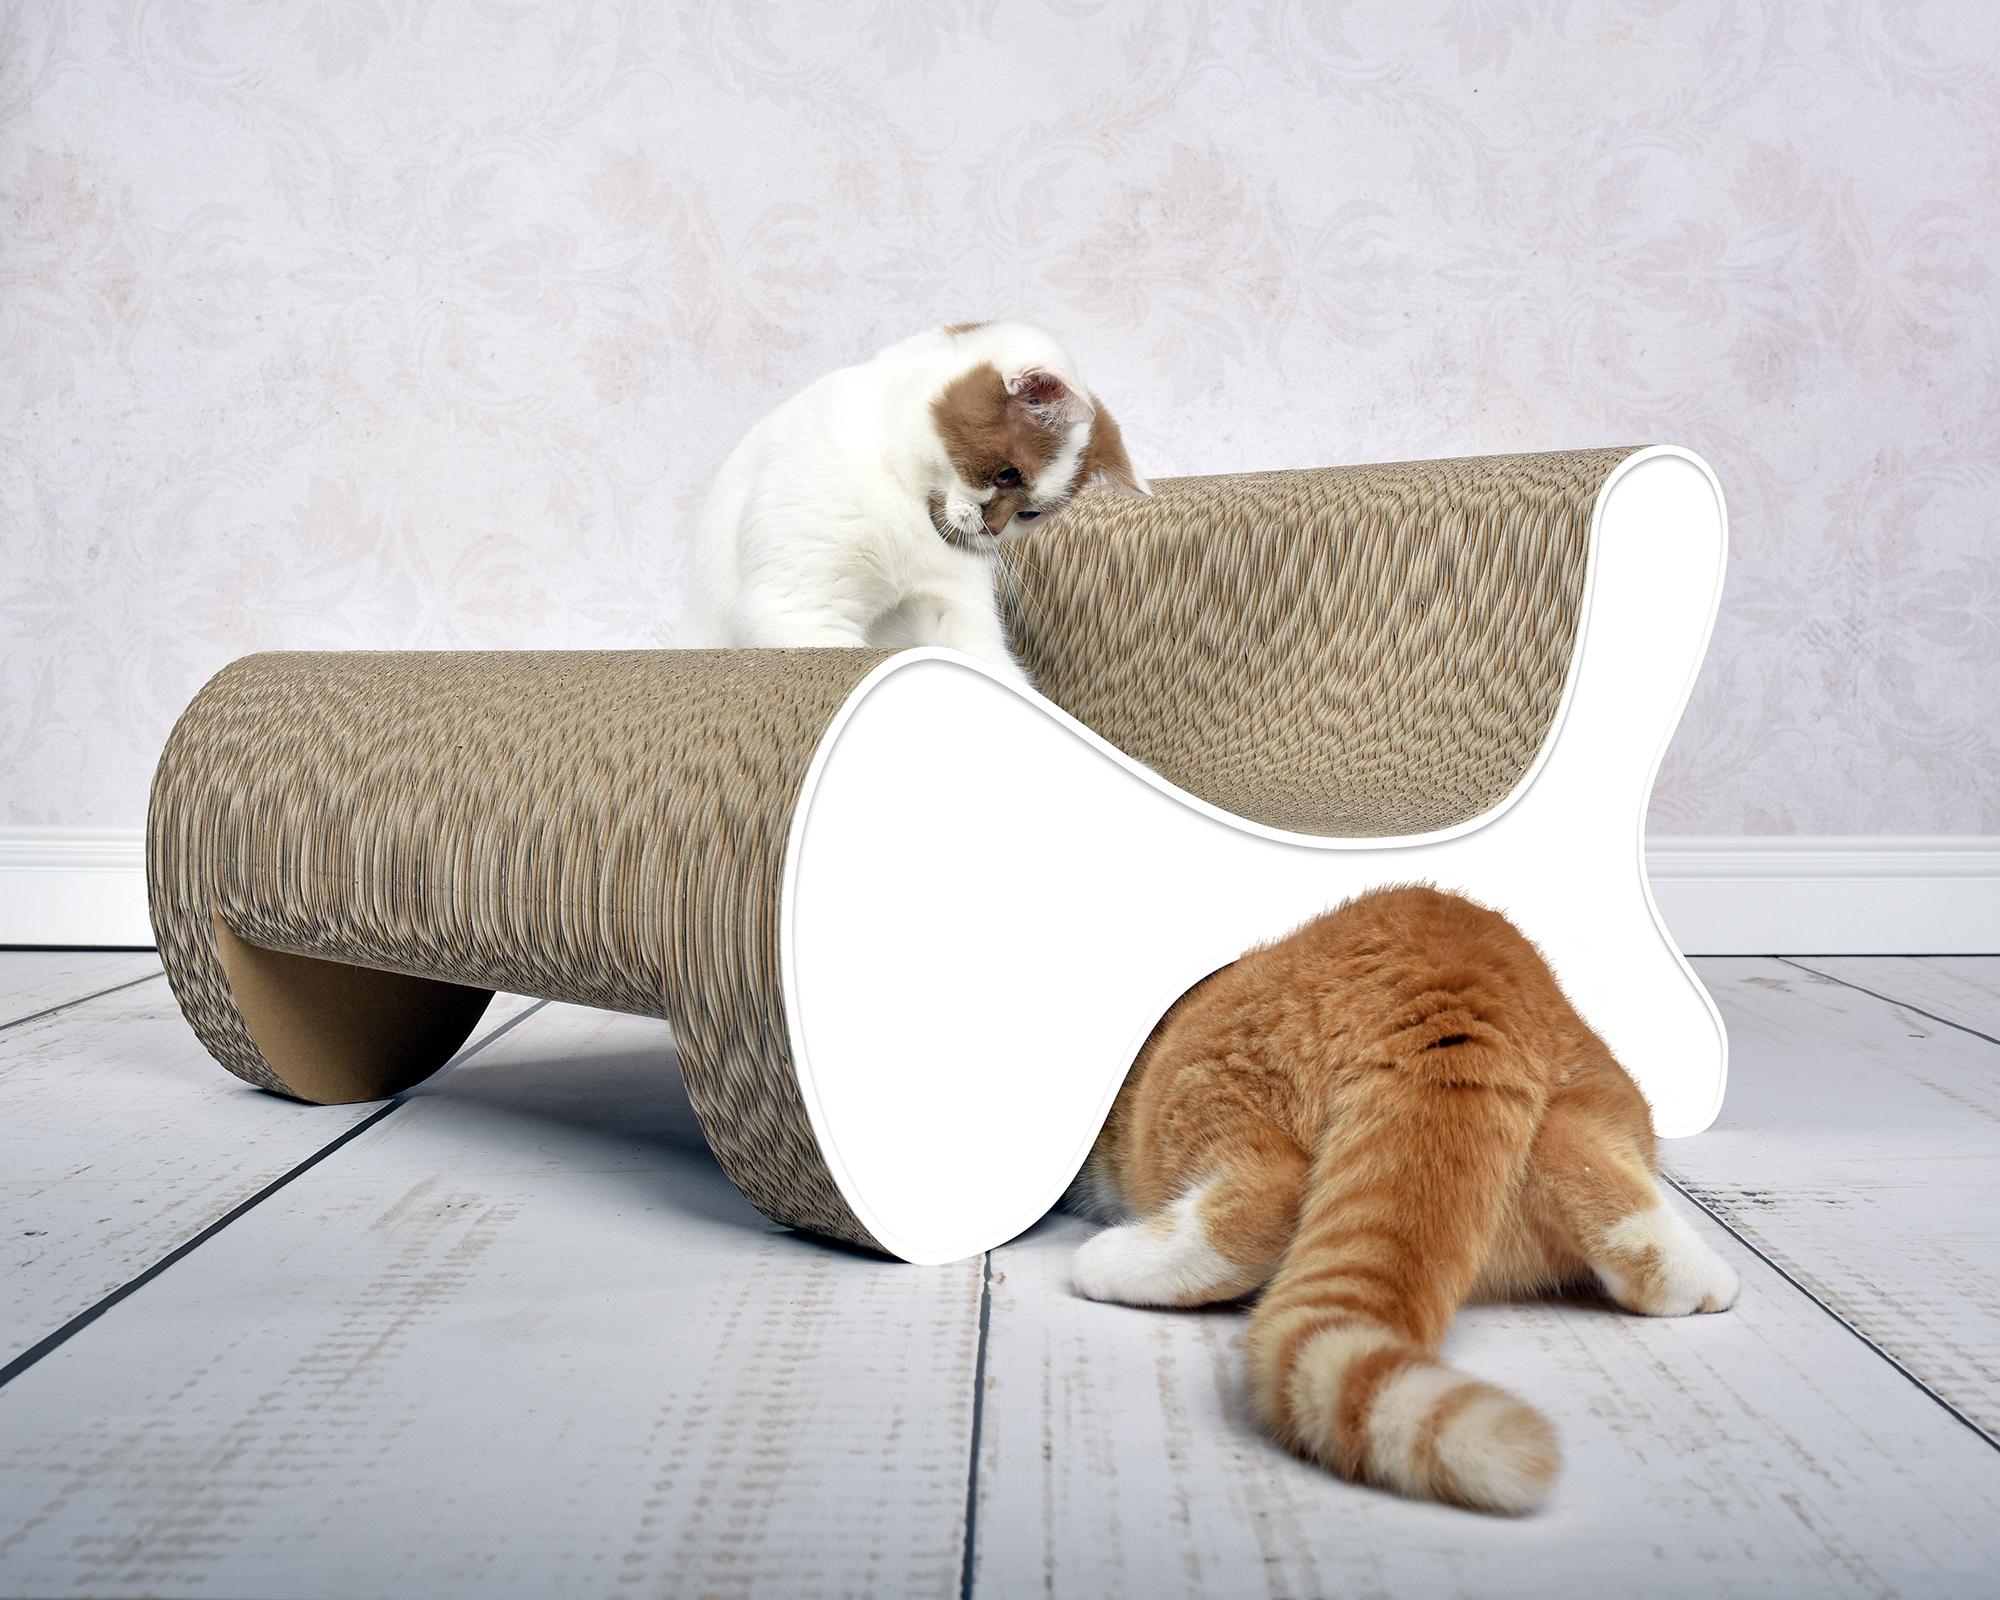 Molecular Fauteuil design cat scratcher